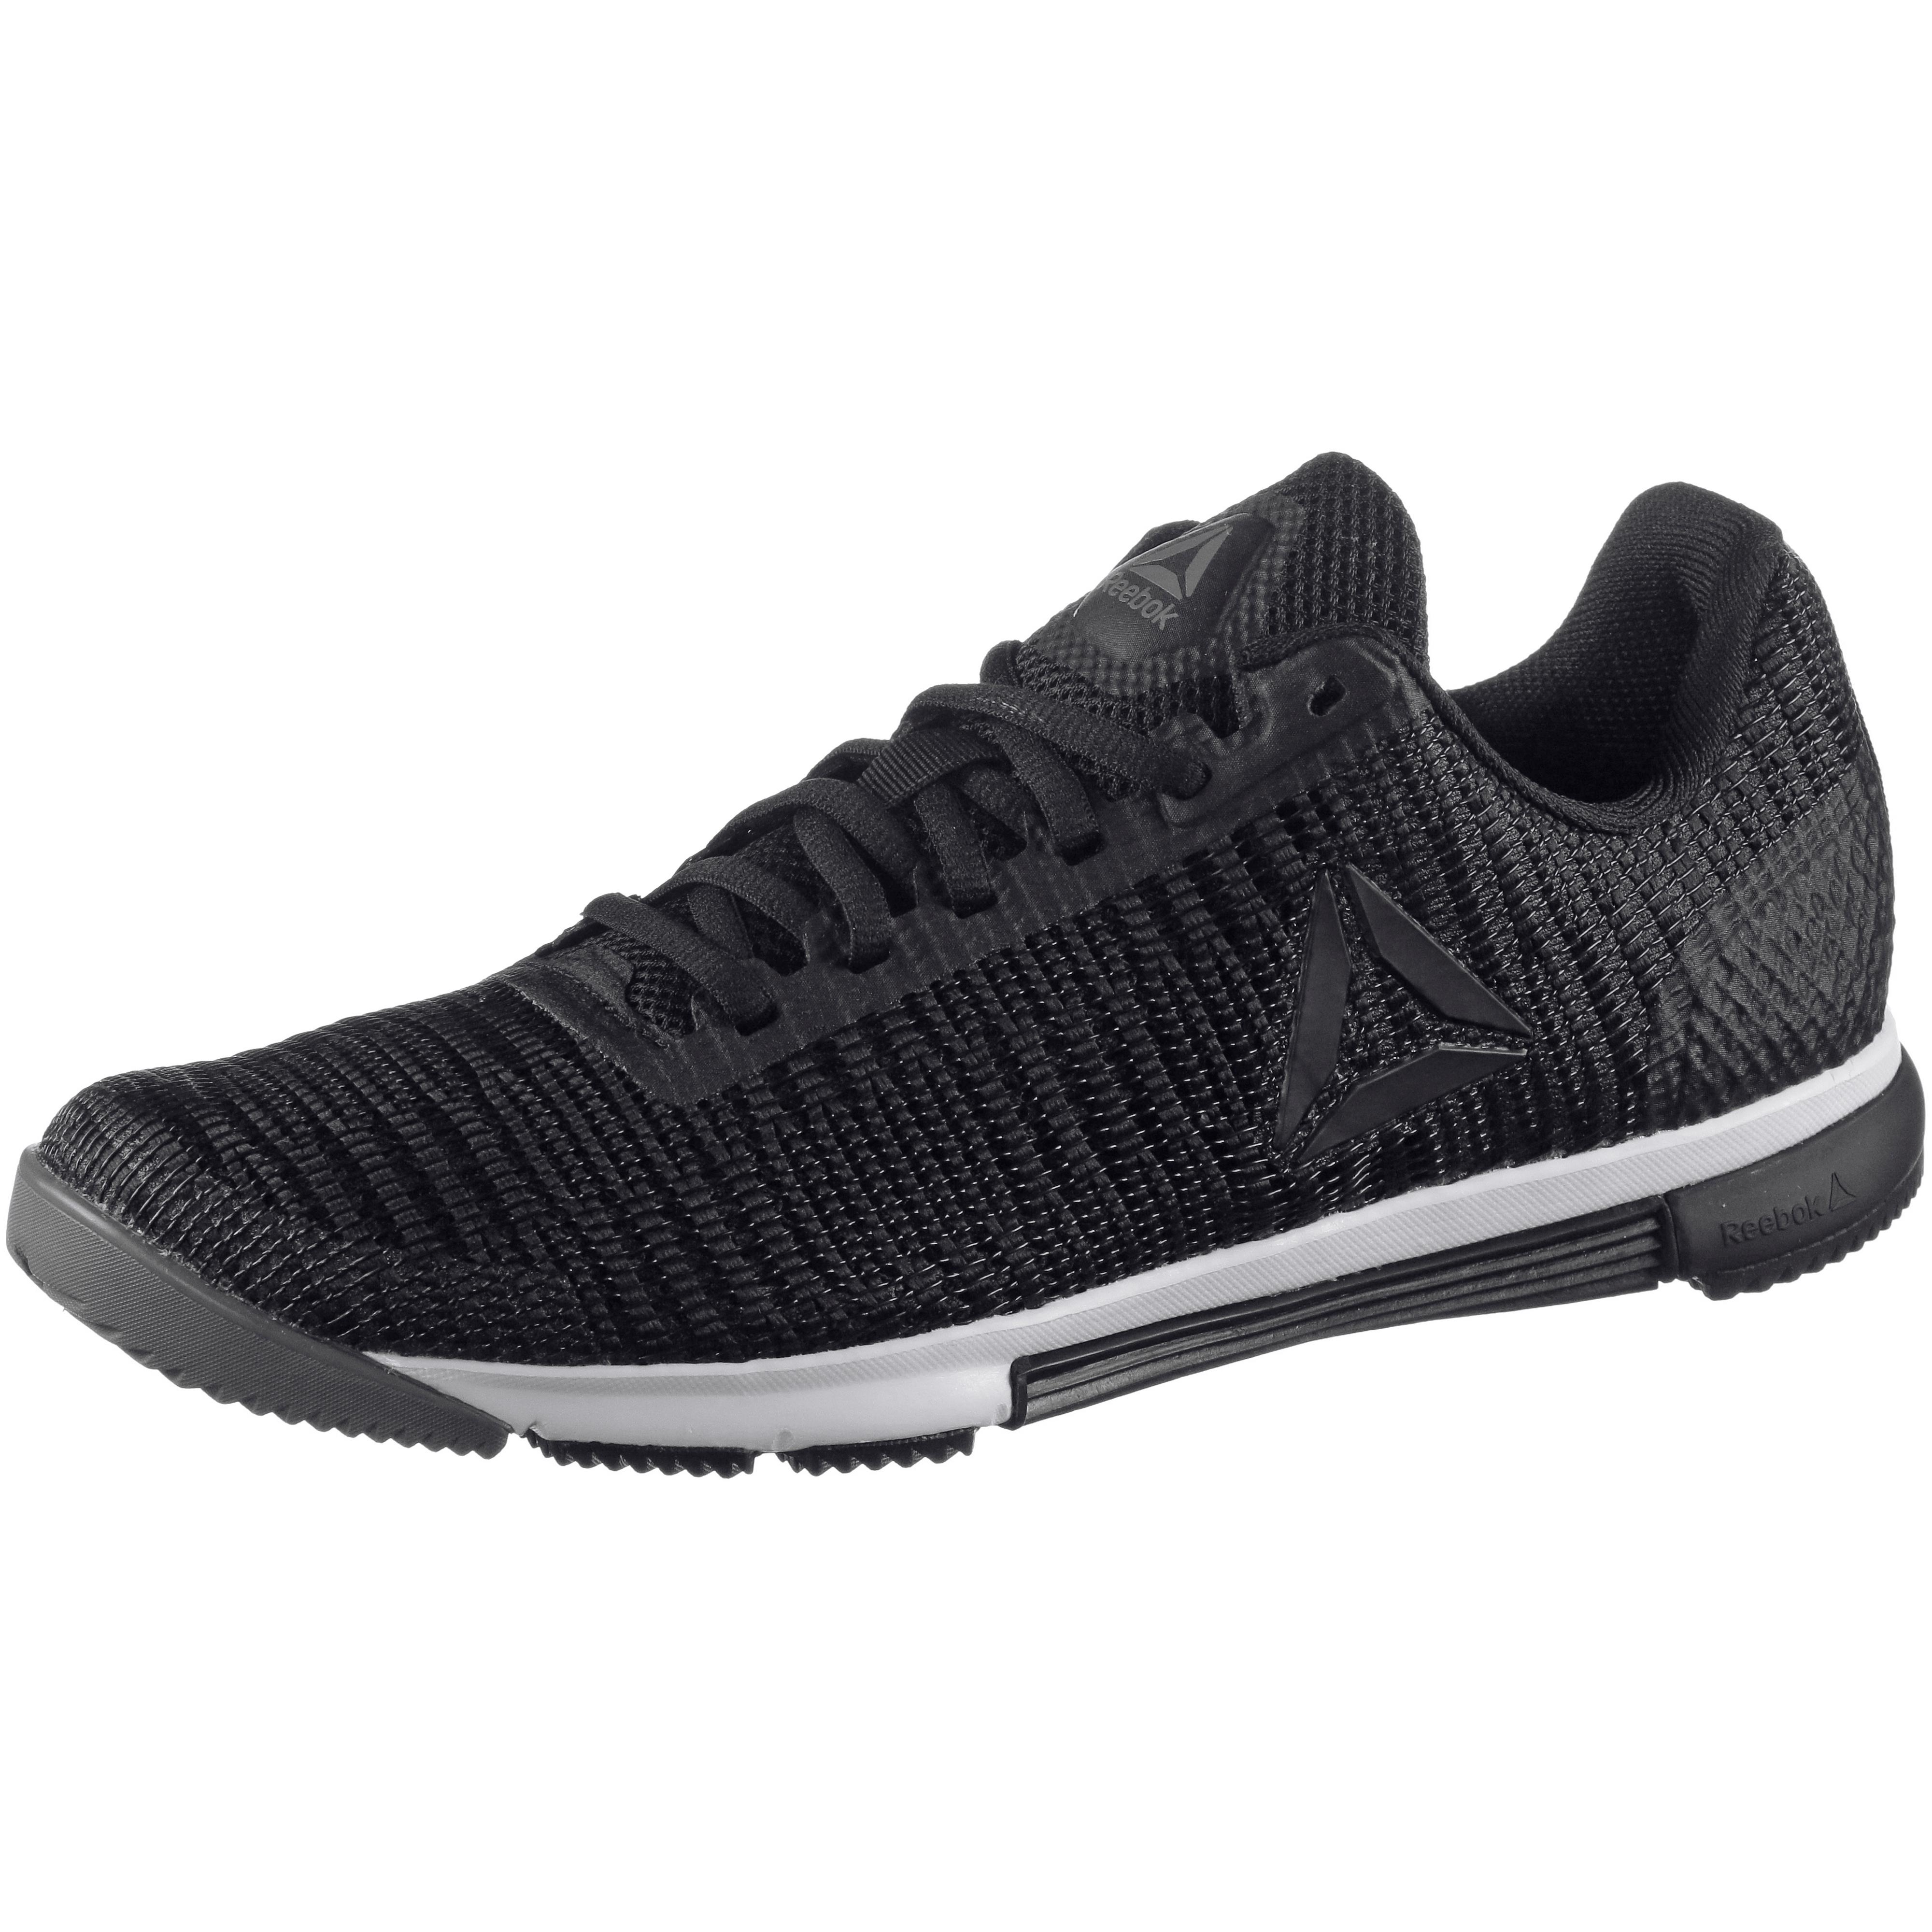 Reebok SPEED TR FLEXWEAVE Fitnessschuhe Fitnessschuhe Fitnessschuhe Damen shark-schwarz-chalk im Online Shop von SportScheck kaufen Gute Qualität beliebte Schuhe 5952c9